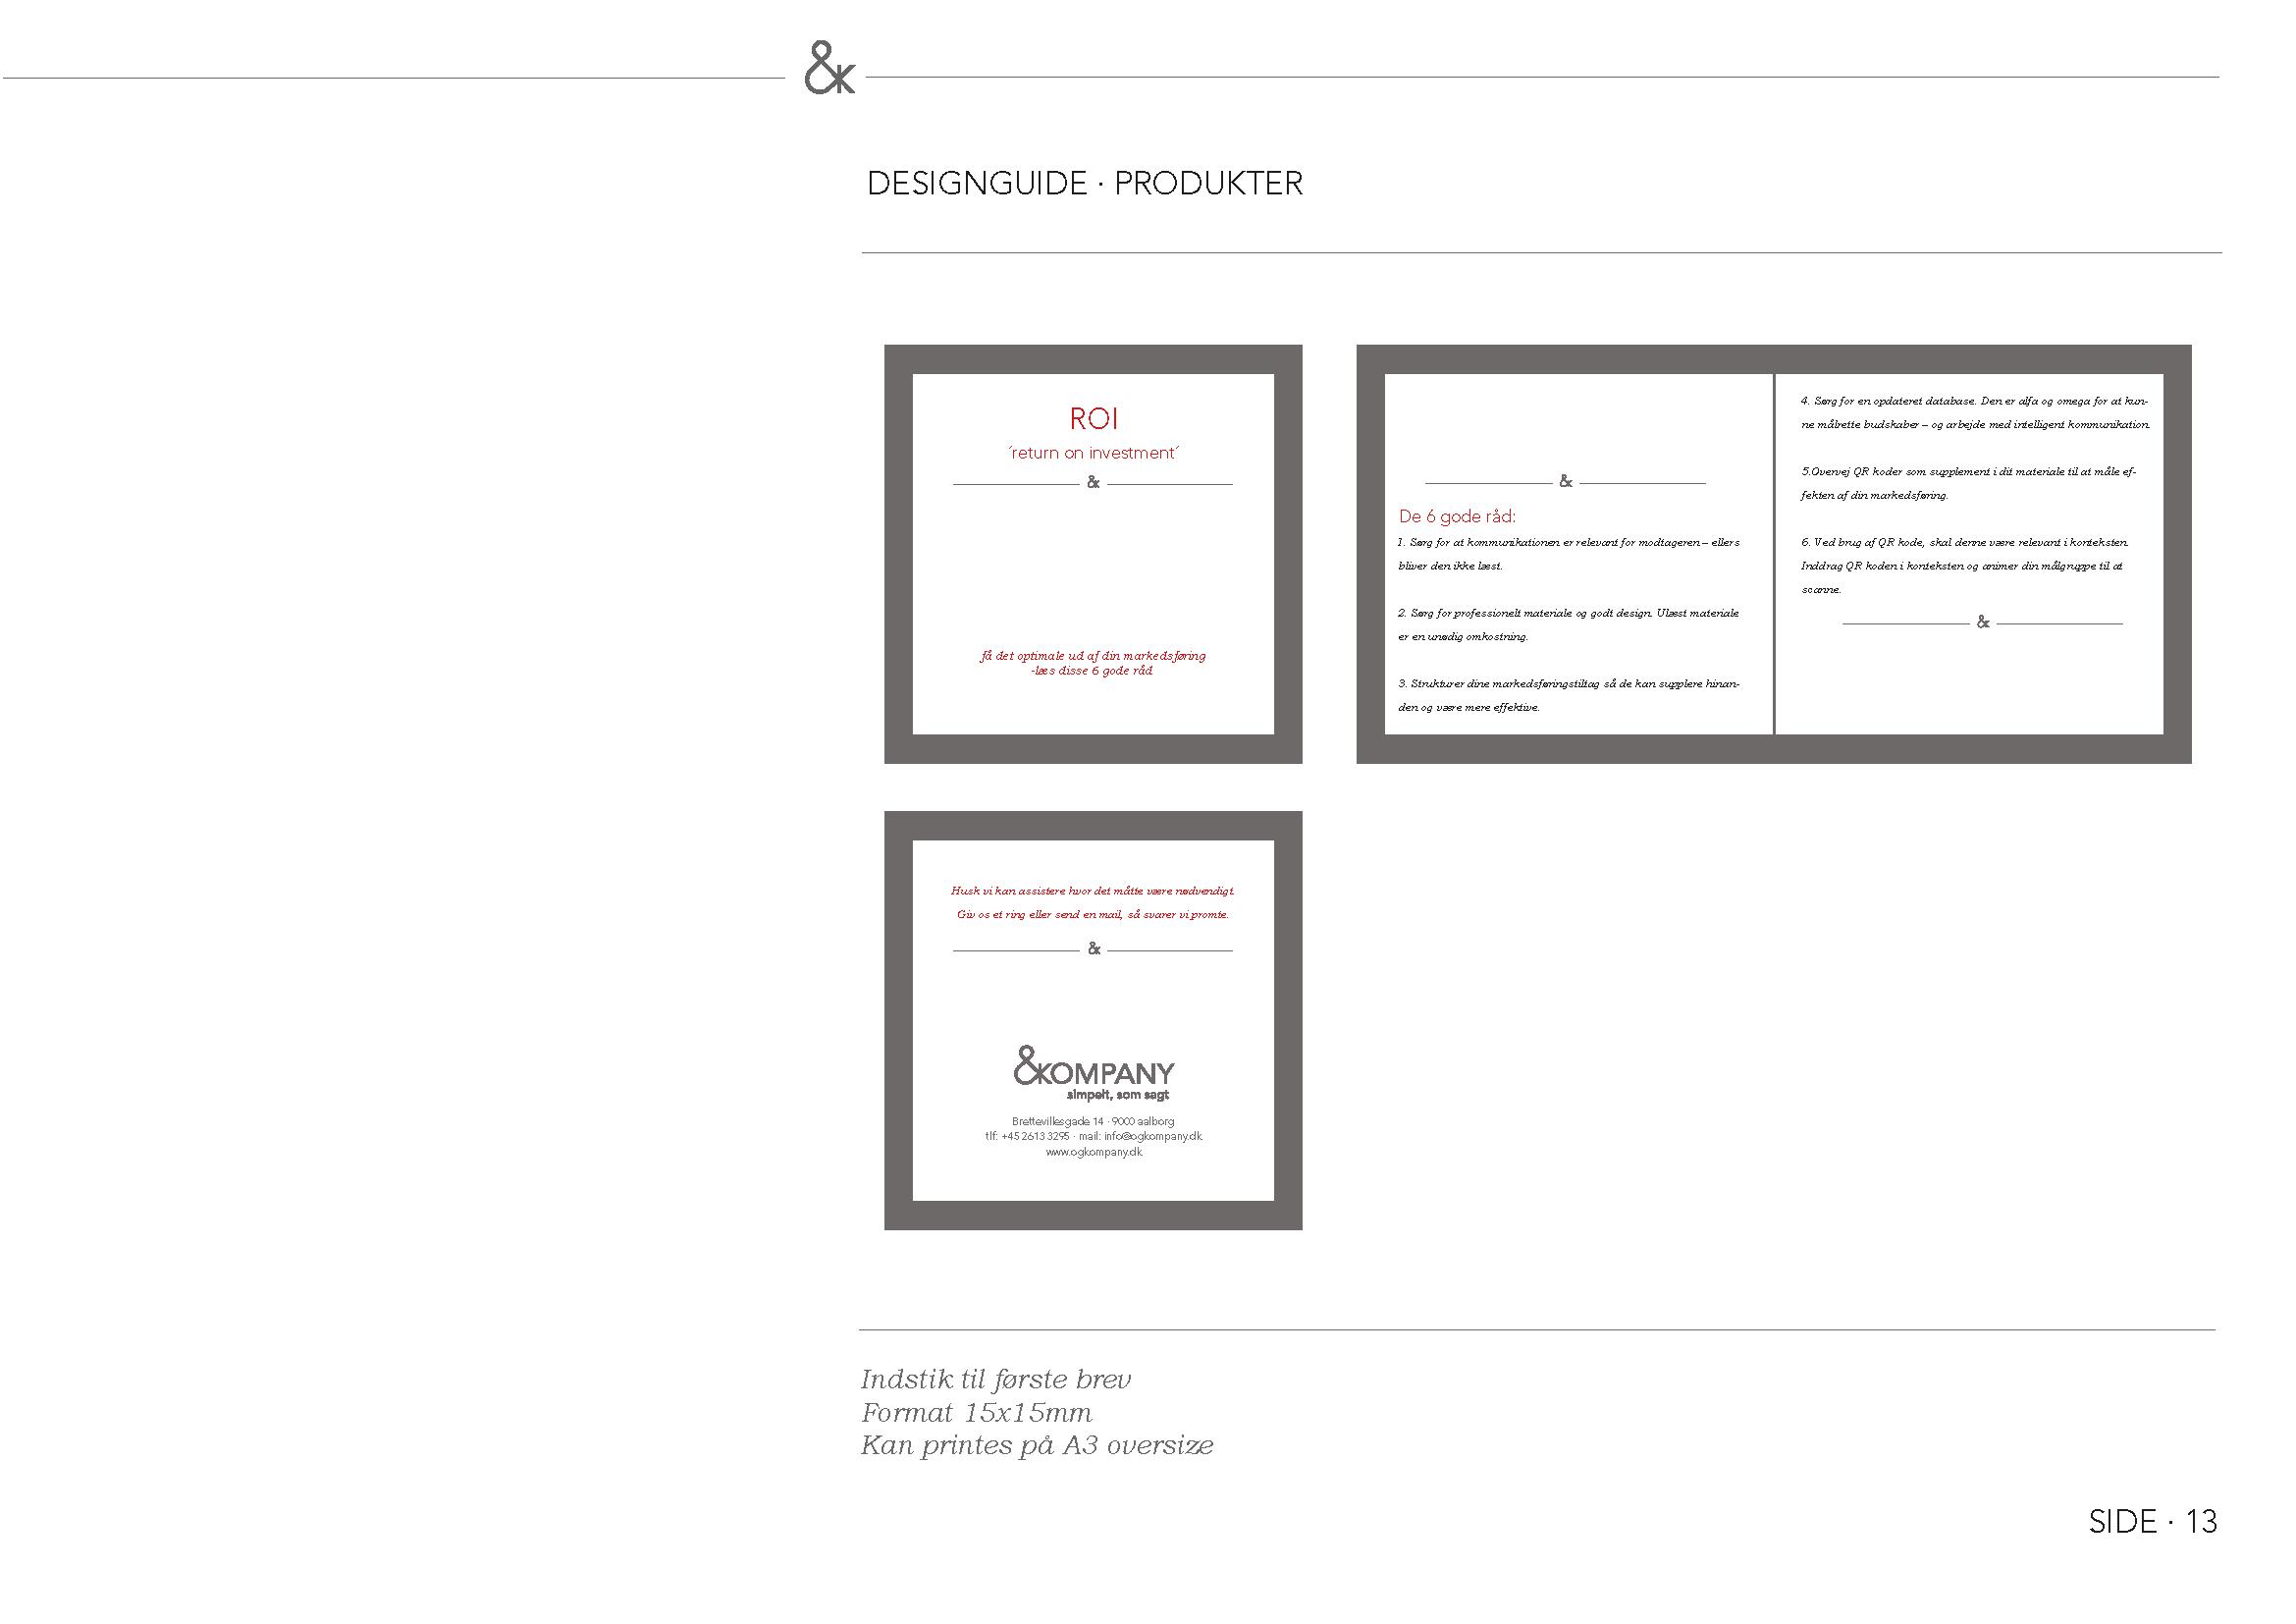 Designguide_Side_13.png